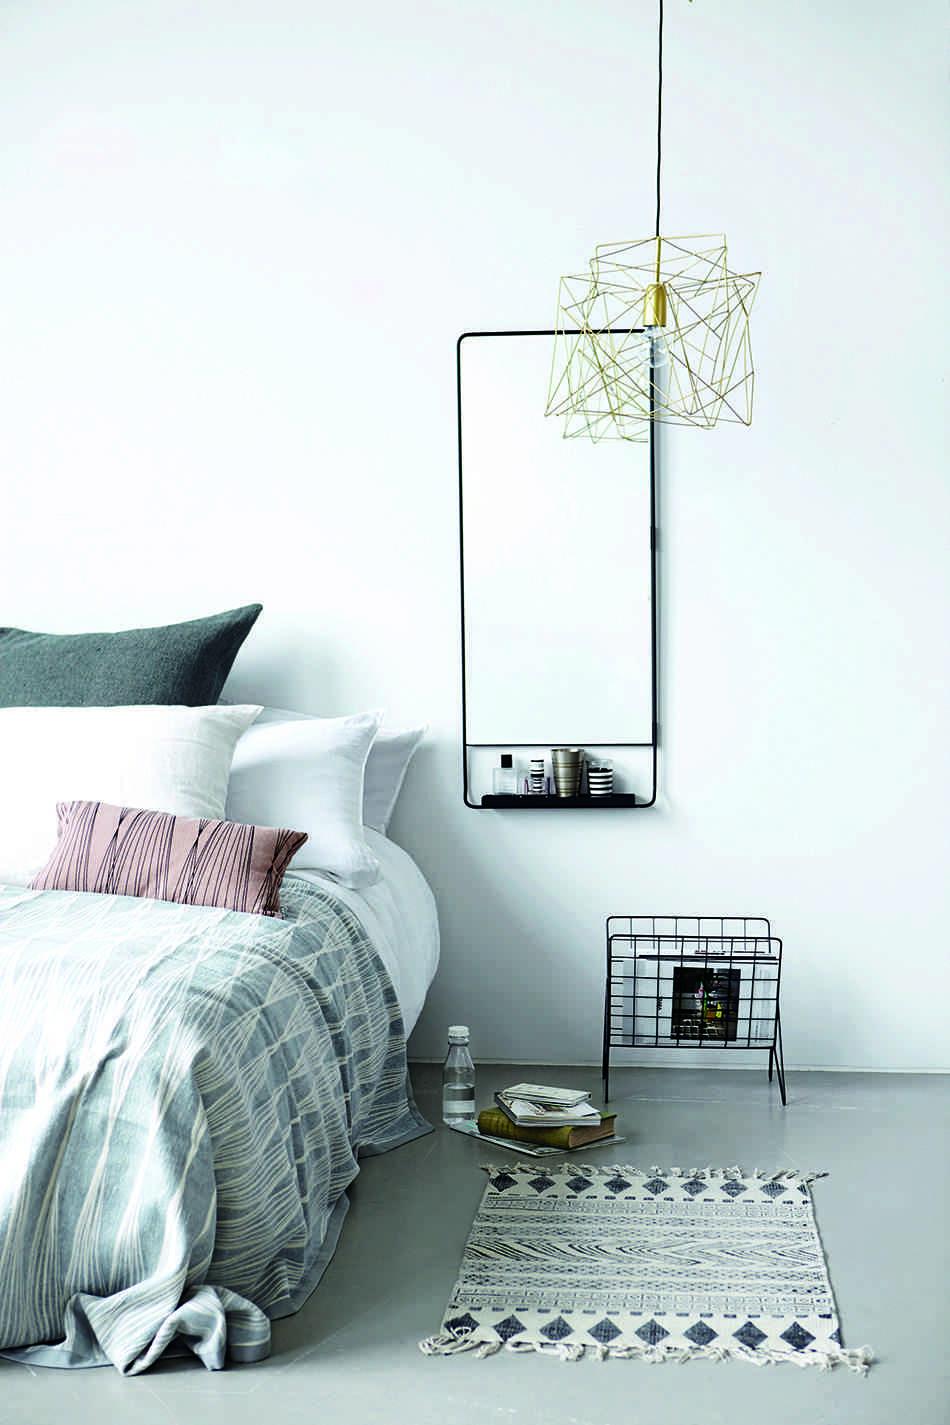 dormitorio de estilo nordico housedoc blanco